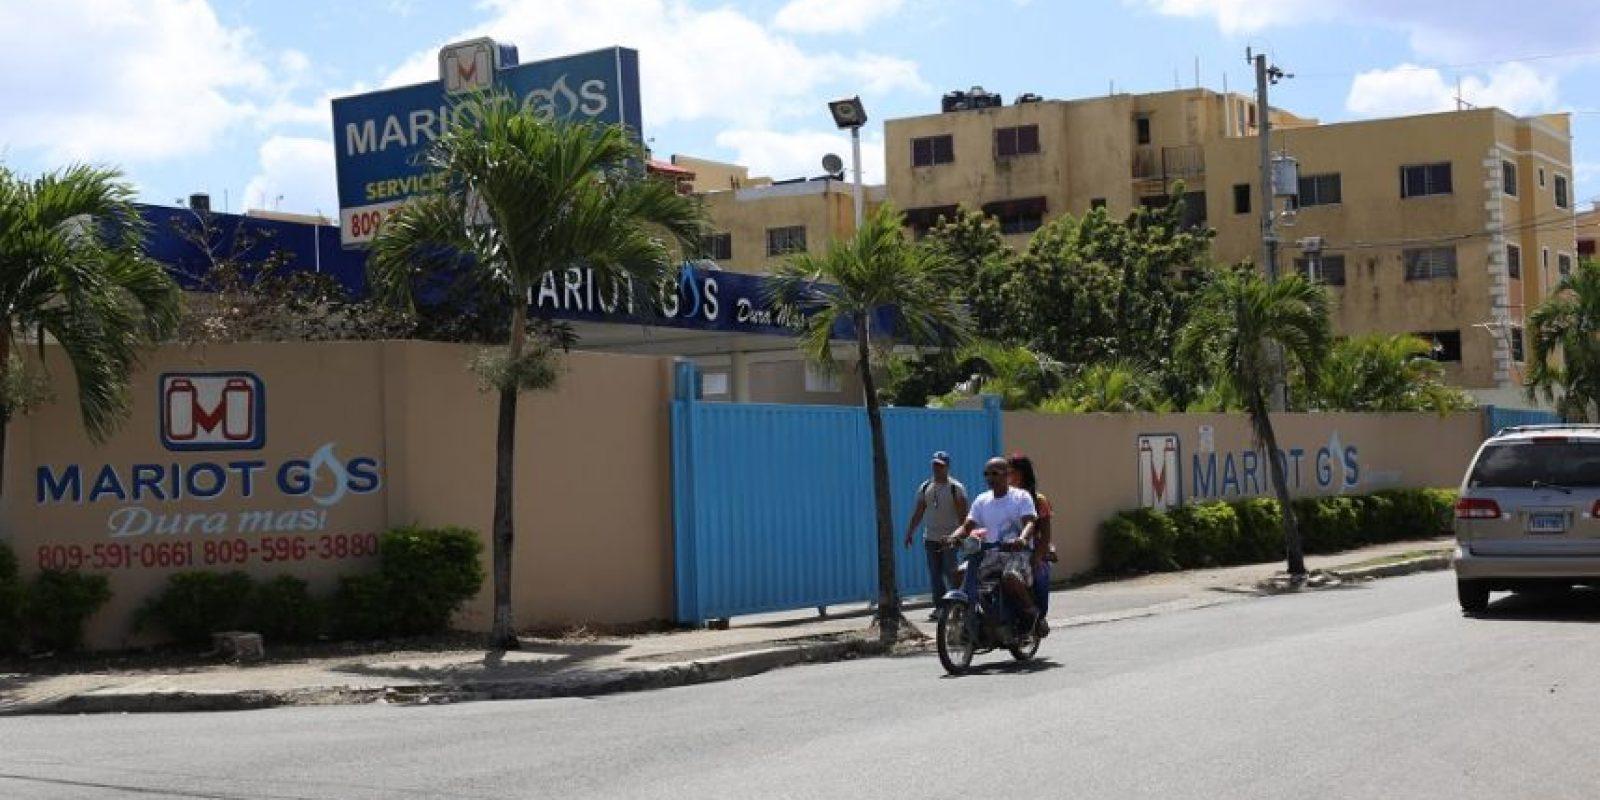 Mariot Gas, Antillano Gas, Hilda Gas, Coopegás y Rojo Gas se encuentran en un mismo perímetro residencial. Foto:ROBERTO GUZMÁN